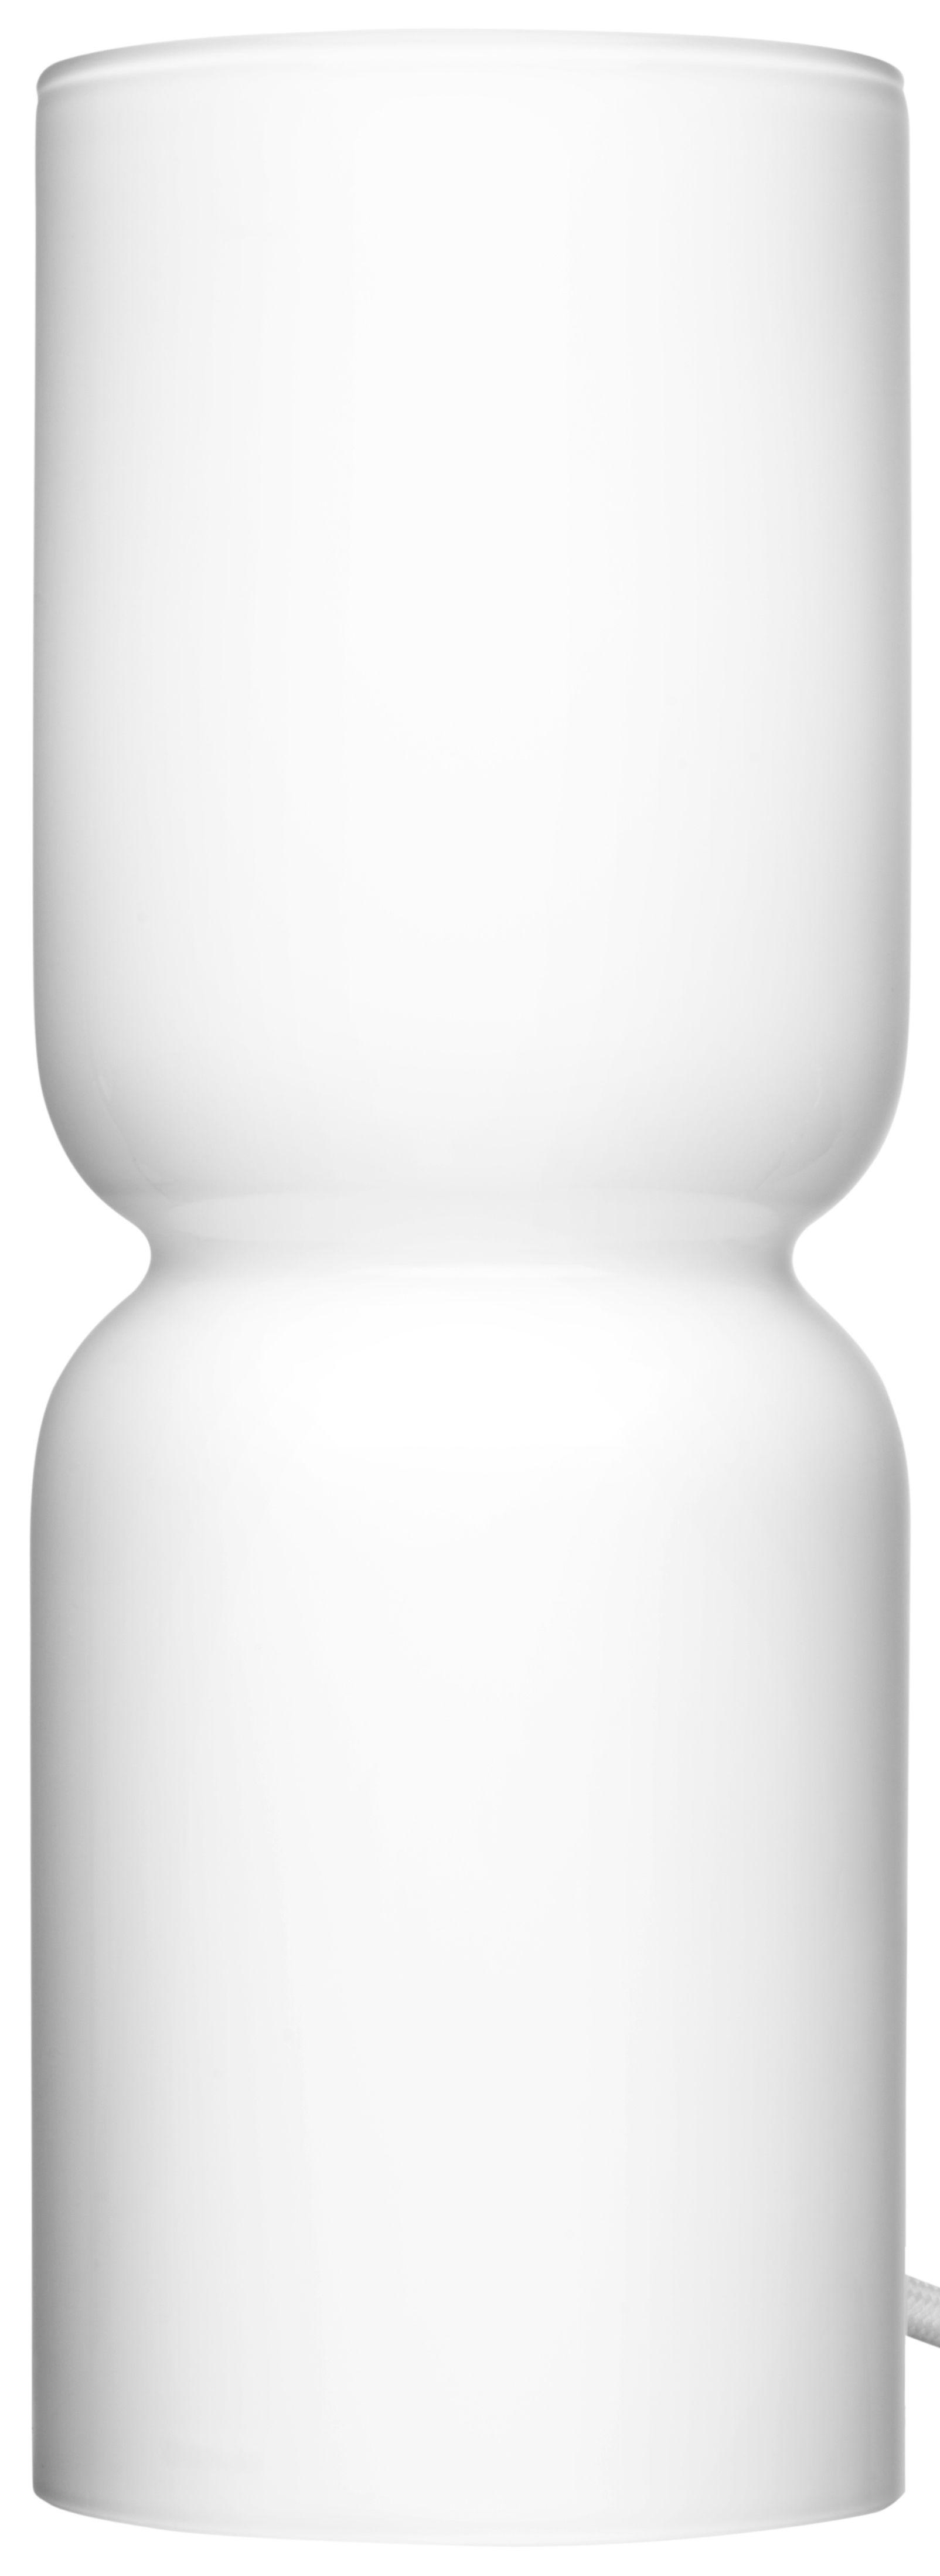 Leuchten - Tischleuchten - Lantern Tischleuchte / H 25 cm - Iittala - Weiß - geblasenes Glas